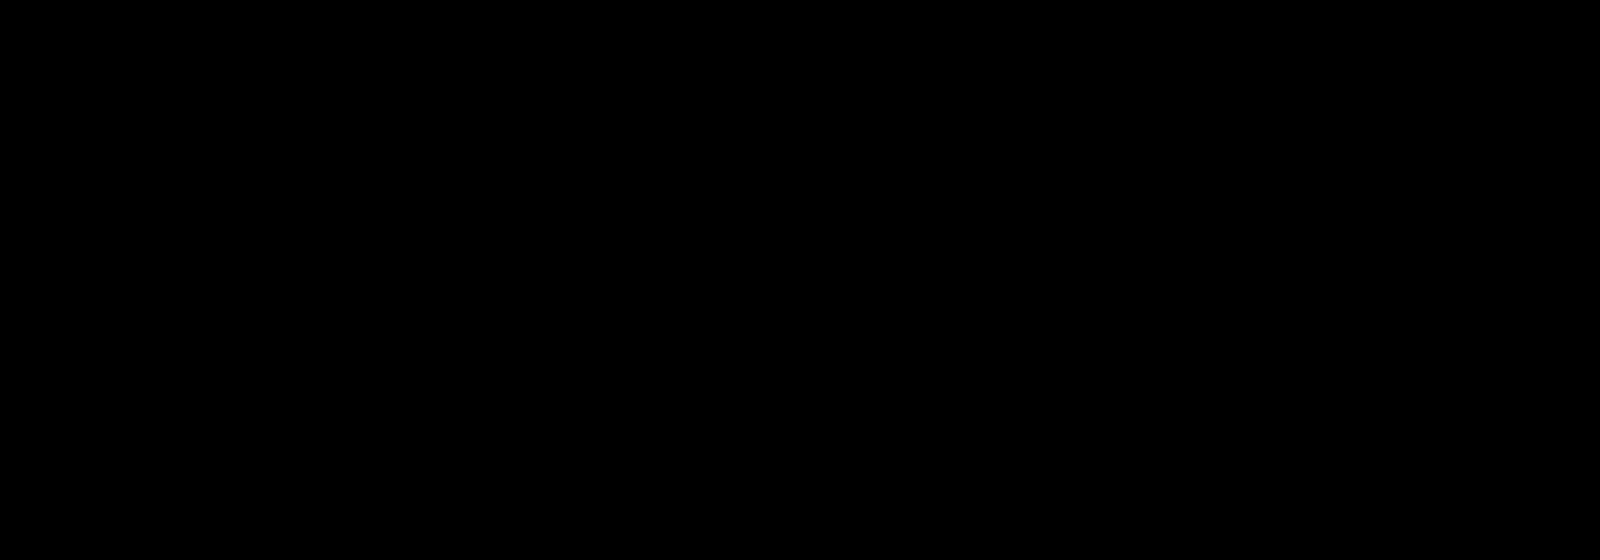 f=3Hz